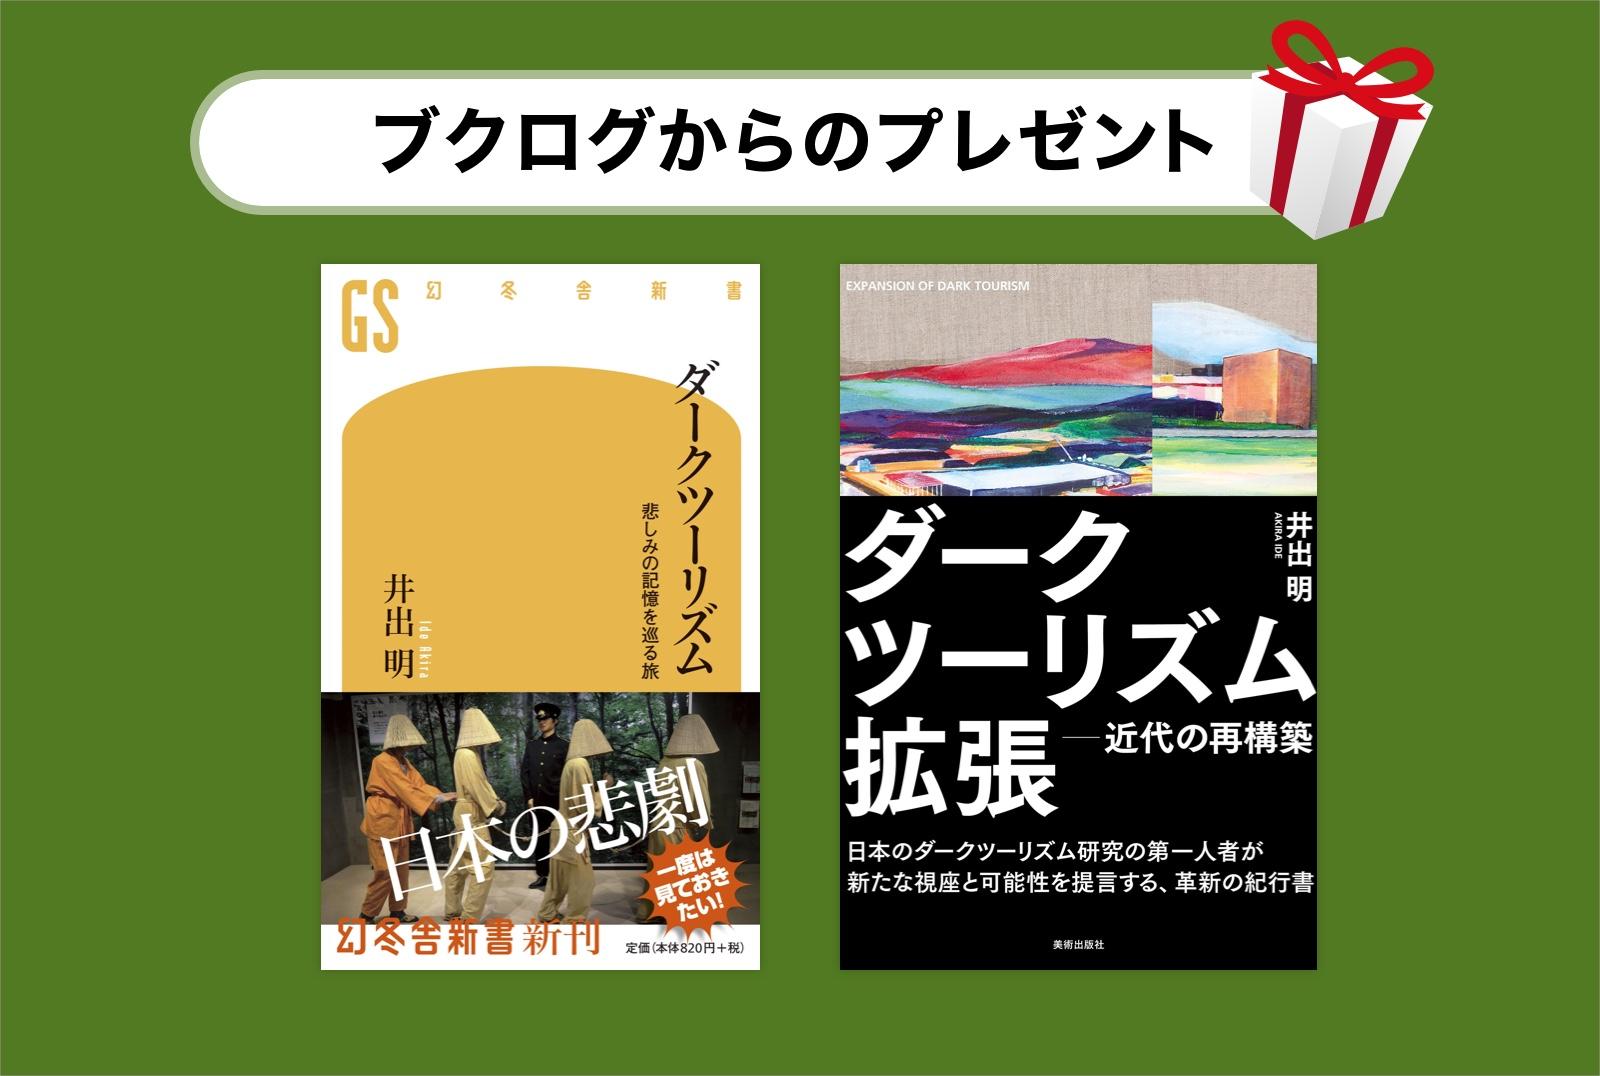 井出明さん、悲しみの記憶をめぐる旅『ダークツーリズム』著書二冊同時刊行